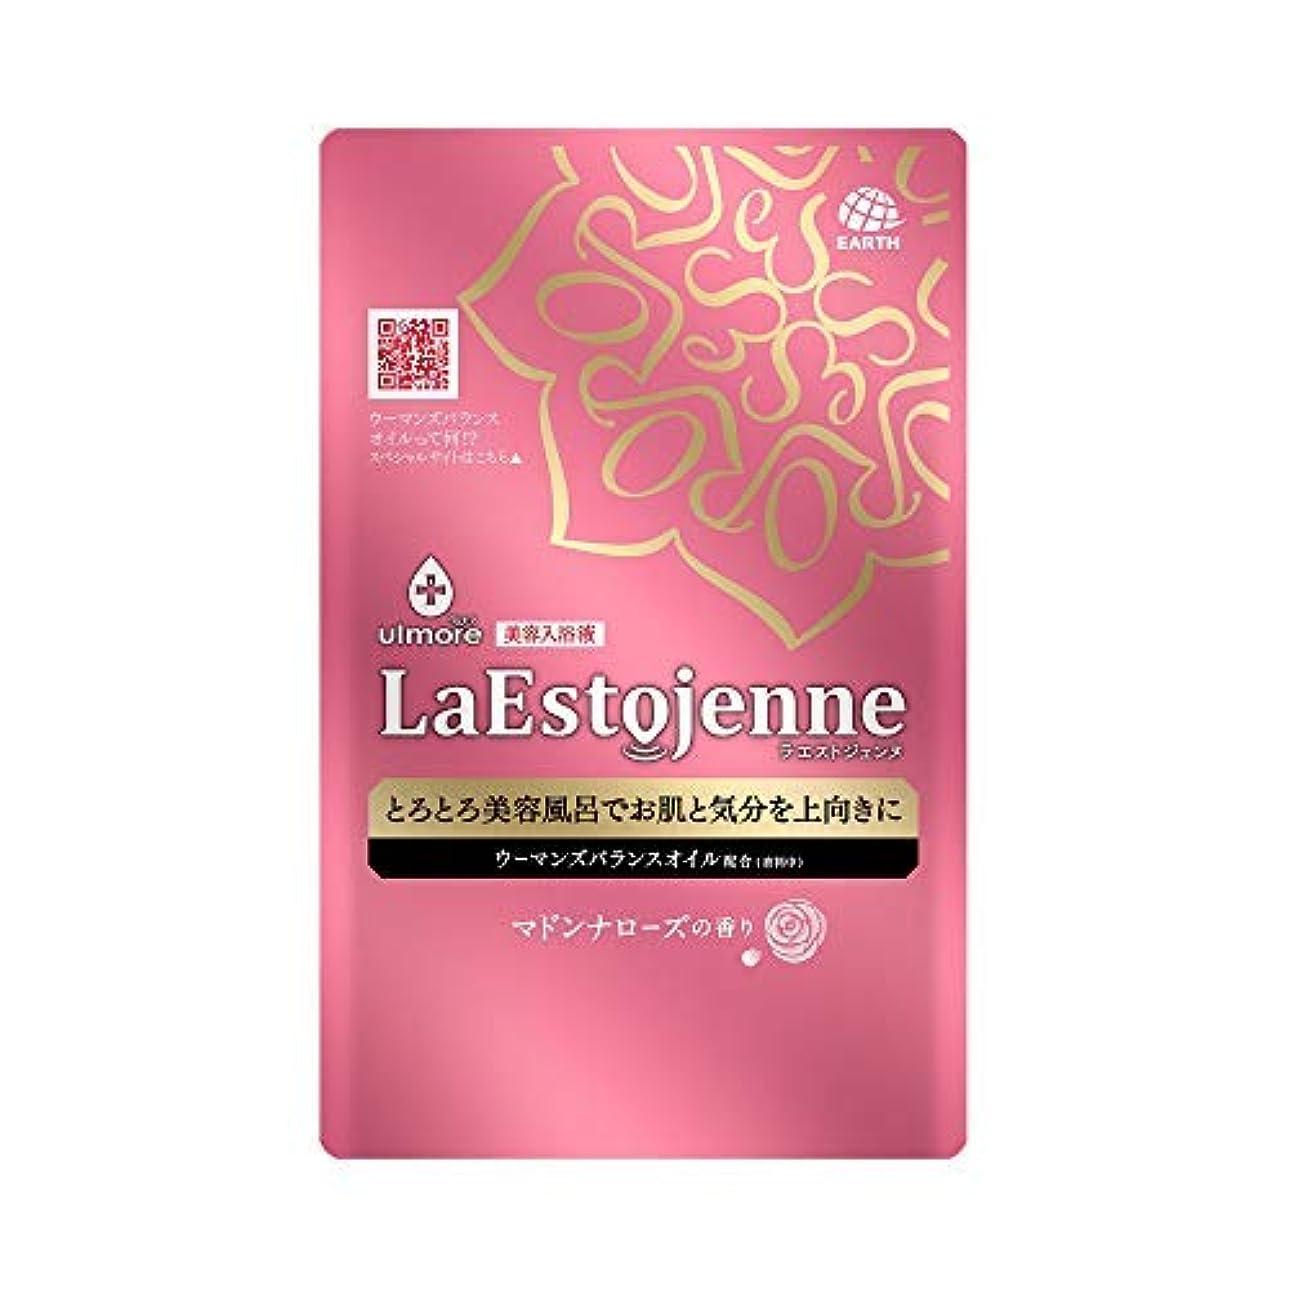 ギャラリーイブニング圧力ウルモア ラエストジェンヌ マドンナローズの香り 1包 × 10個セット